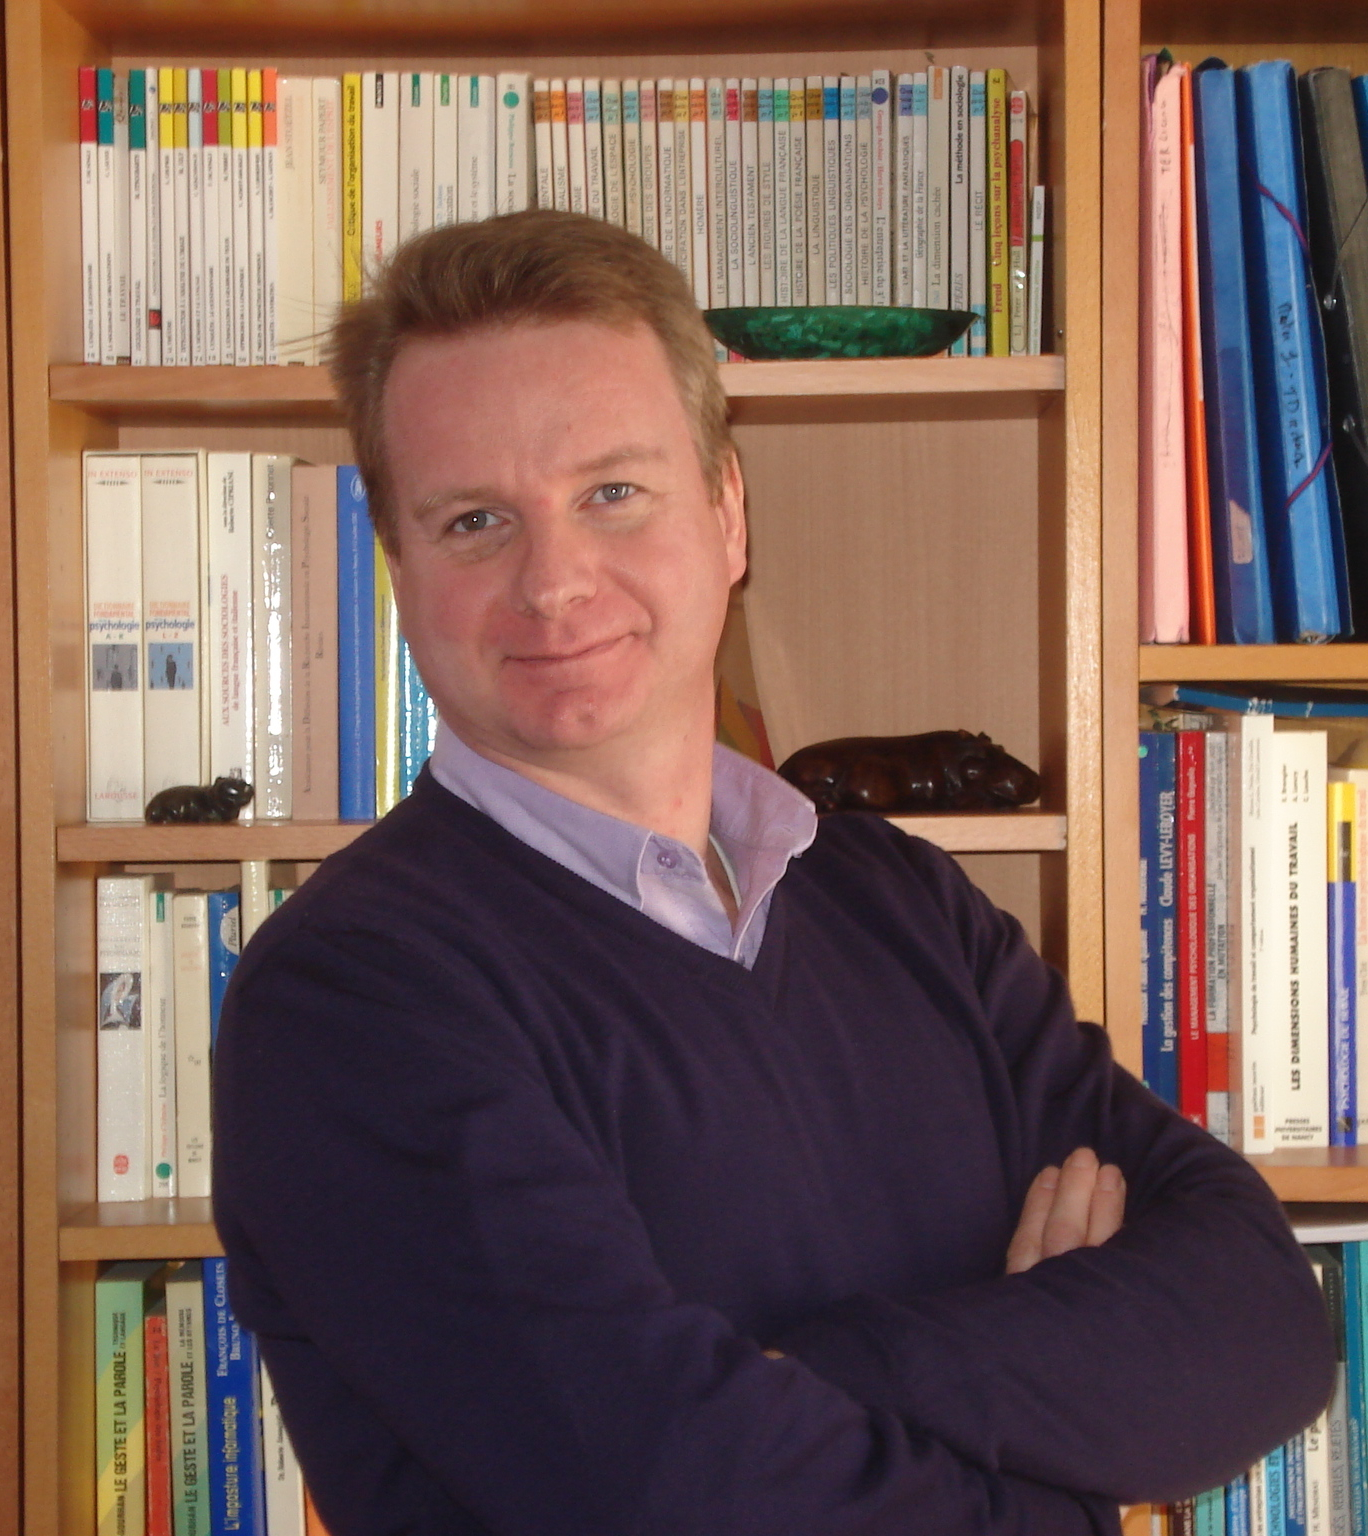 Marc-Eric Bobillier Chaumon